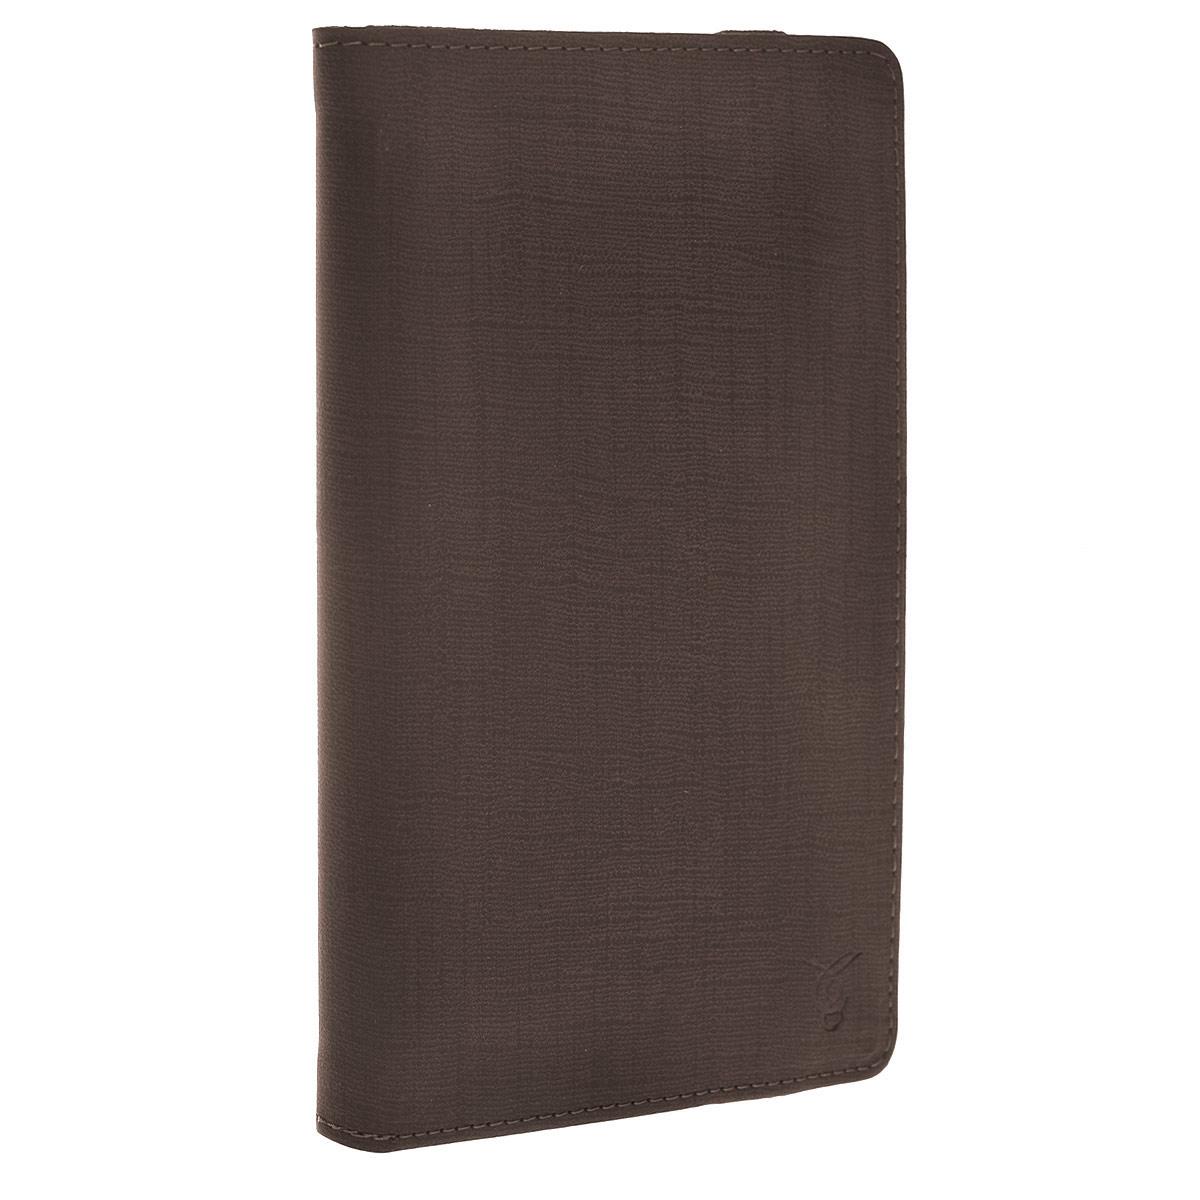 Viva Chocolate чехол для планшетов 7, Brown (VUC-CCH07-br)VUC-CCH07-brЧехол Viva Chocolate предназначен для защиты электронных устройств от механических повреждений и влаги. Крепление PVS позволяет надежно зафиксировать ваш девайс.